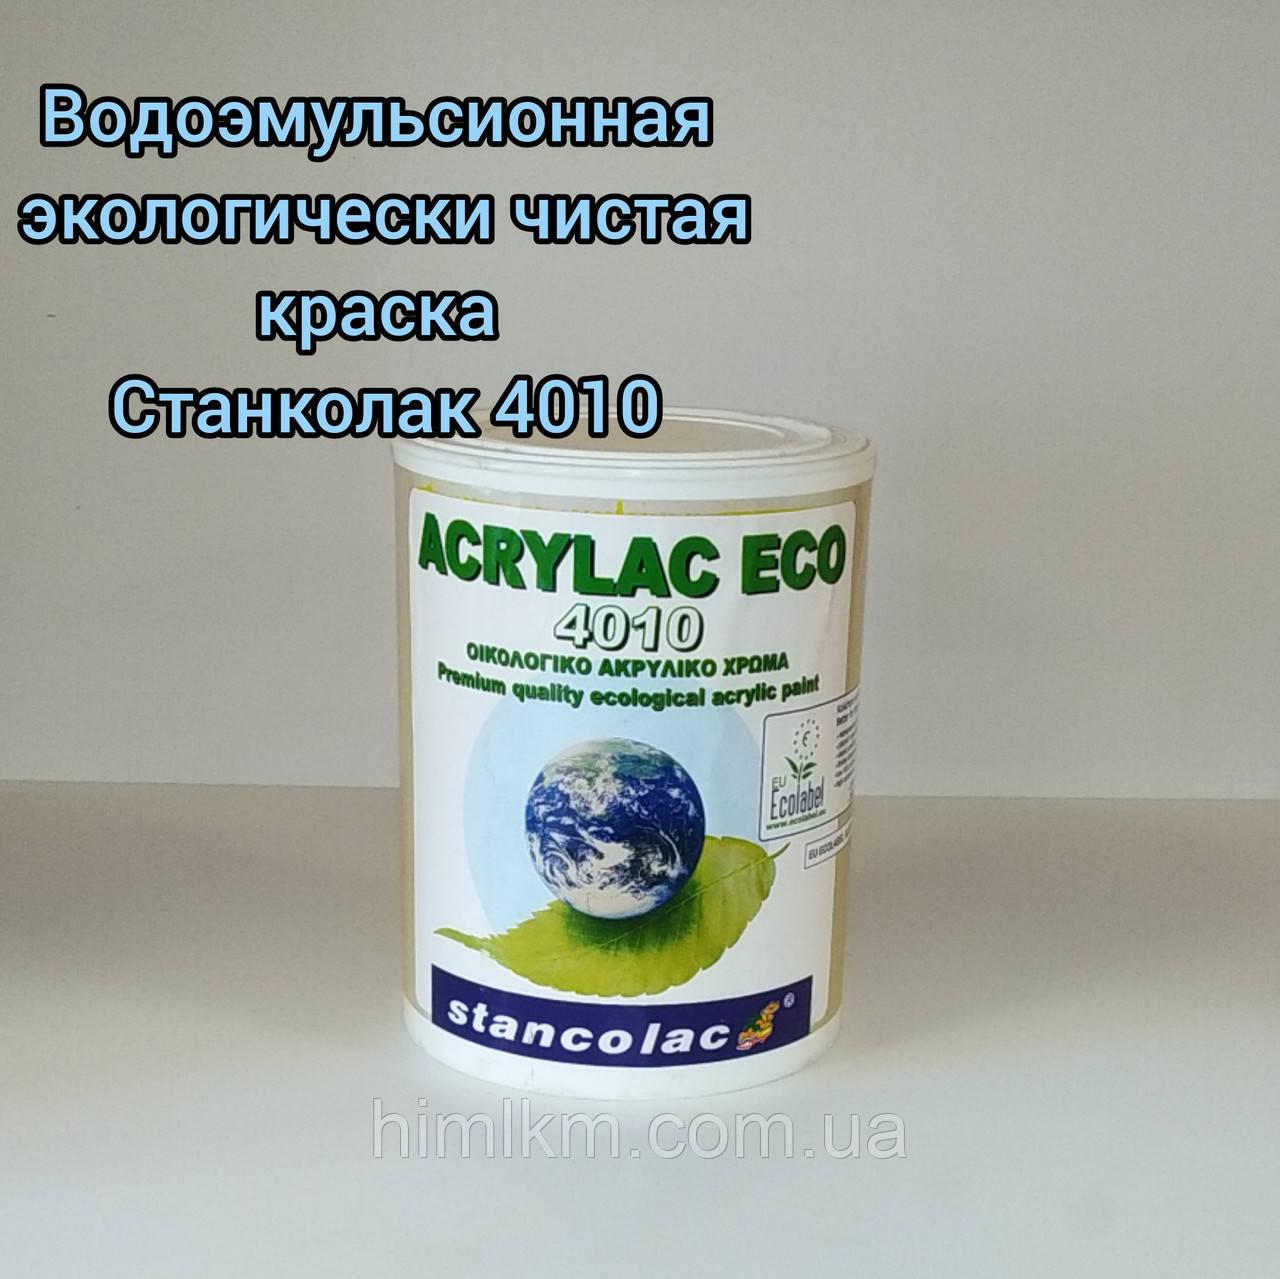 Водоэмульсионная акриловая экологически чистая краска для стен и потолков Stancolac 4010